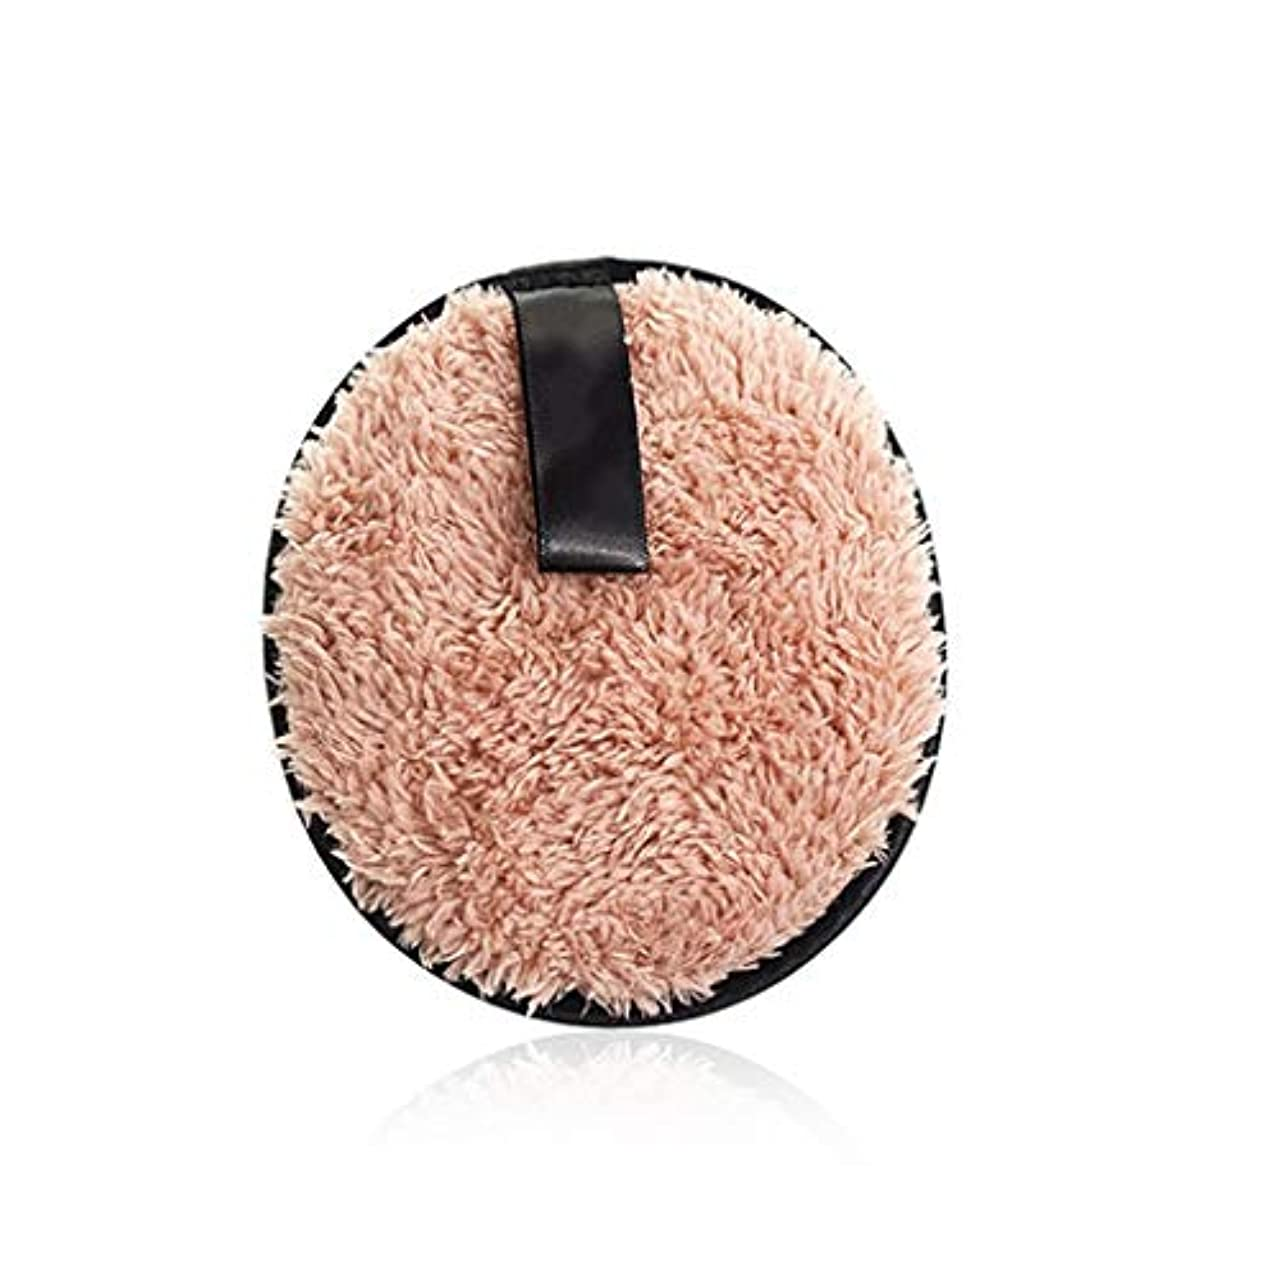 見落とす熟読する移行するフェイスメイクアップリムーバーソフトスポンジコットンメイクアップリムーバークロスパウダーパフ洗顔ワイプ再利用可能な洗えるパッド (Color : Light brown, サイズ : 4.7*4.7*0.7inch)